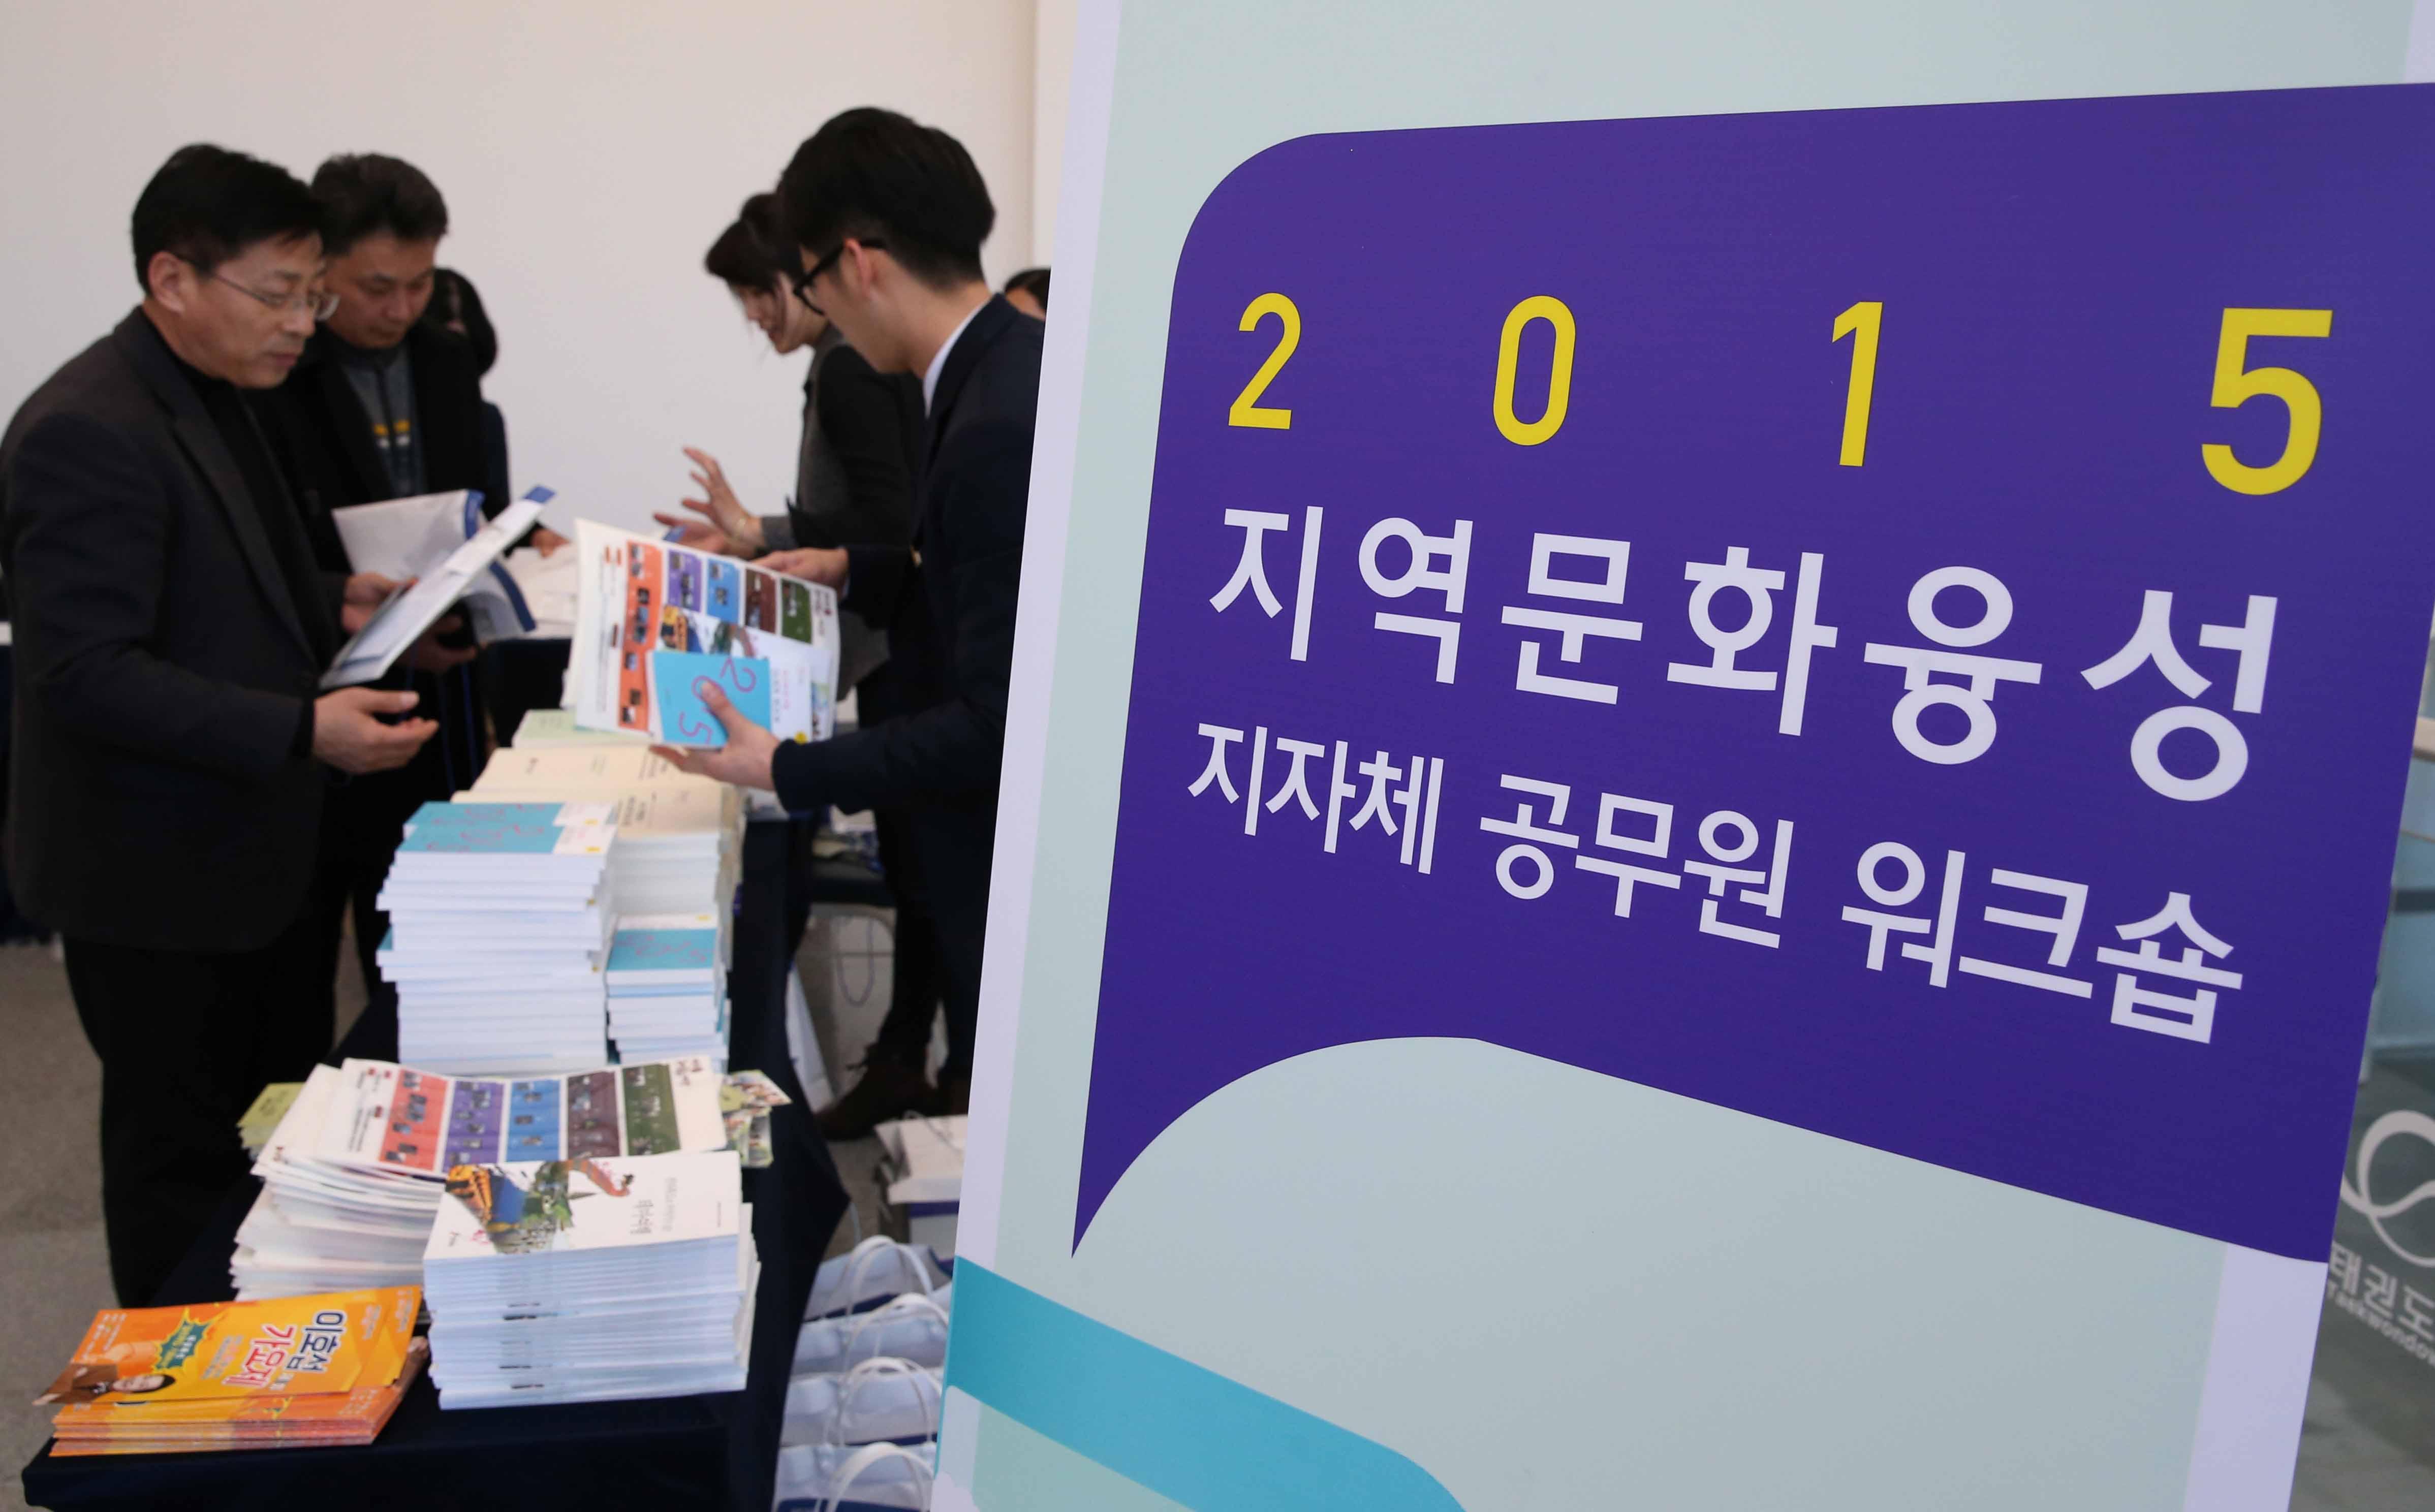 문체부, '지역문화융성 지자체 공무원 워크숍' 개최